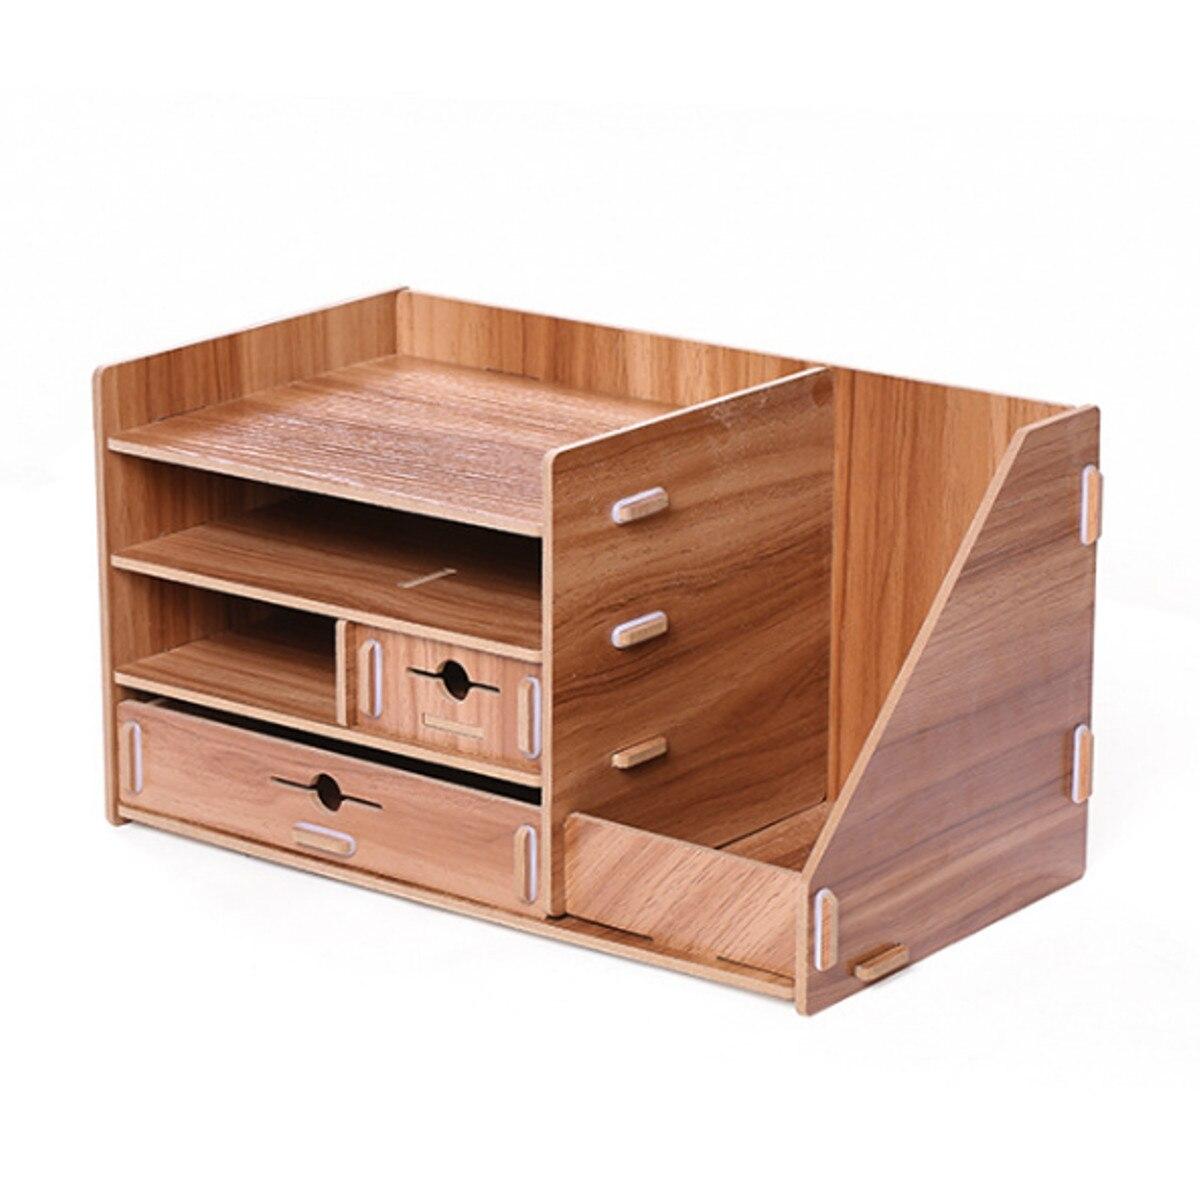 Boîte de rangement en bois bricolage avec tiroir cosmétiques organisateur bureau à domicile bureau tiroir maquillage organisateur nouveau - 2